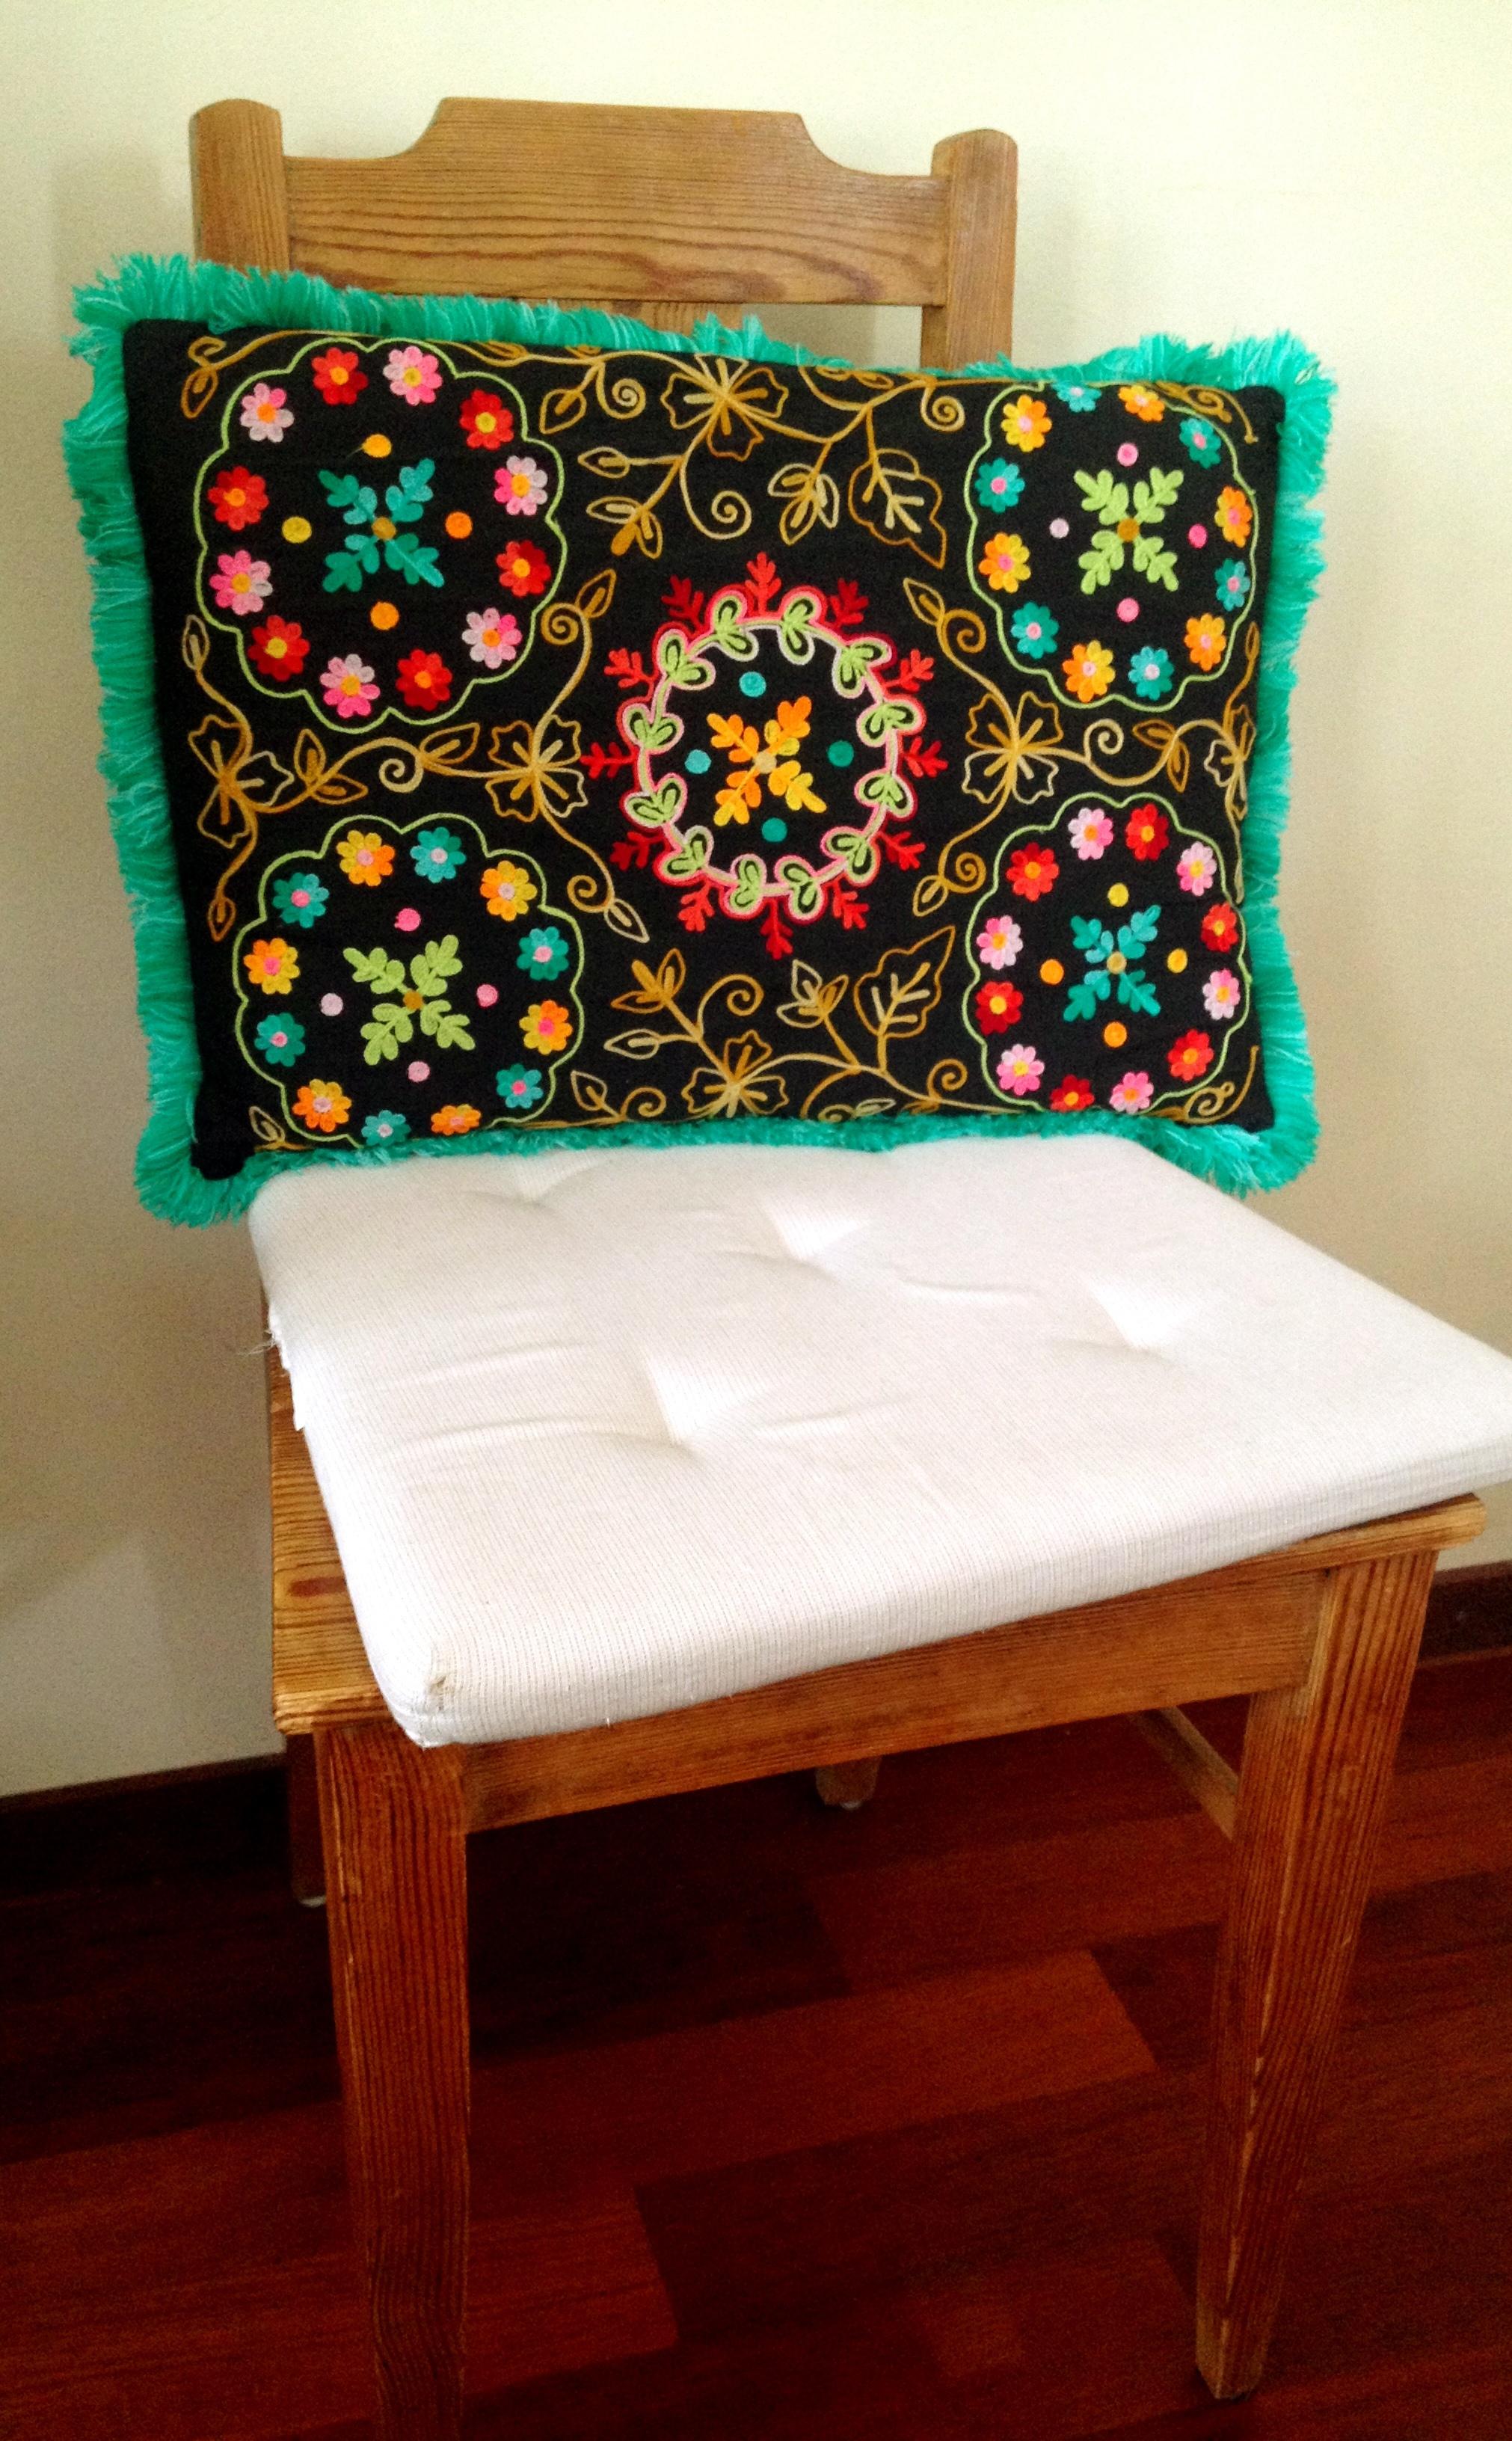 Und weil ich ohnehin so an meine Mutter denken musste, habe ich ihr Lieblingskissen rausgeholt, das jetzt immer auf meinem Stuhl liegt, seit es mein Kissen ist. Bunt und leuchtend.